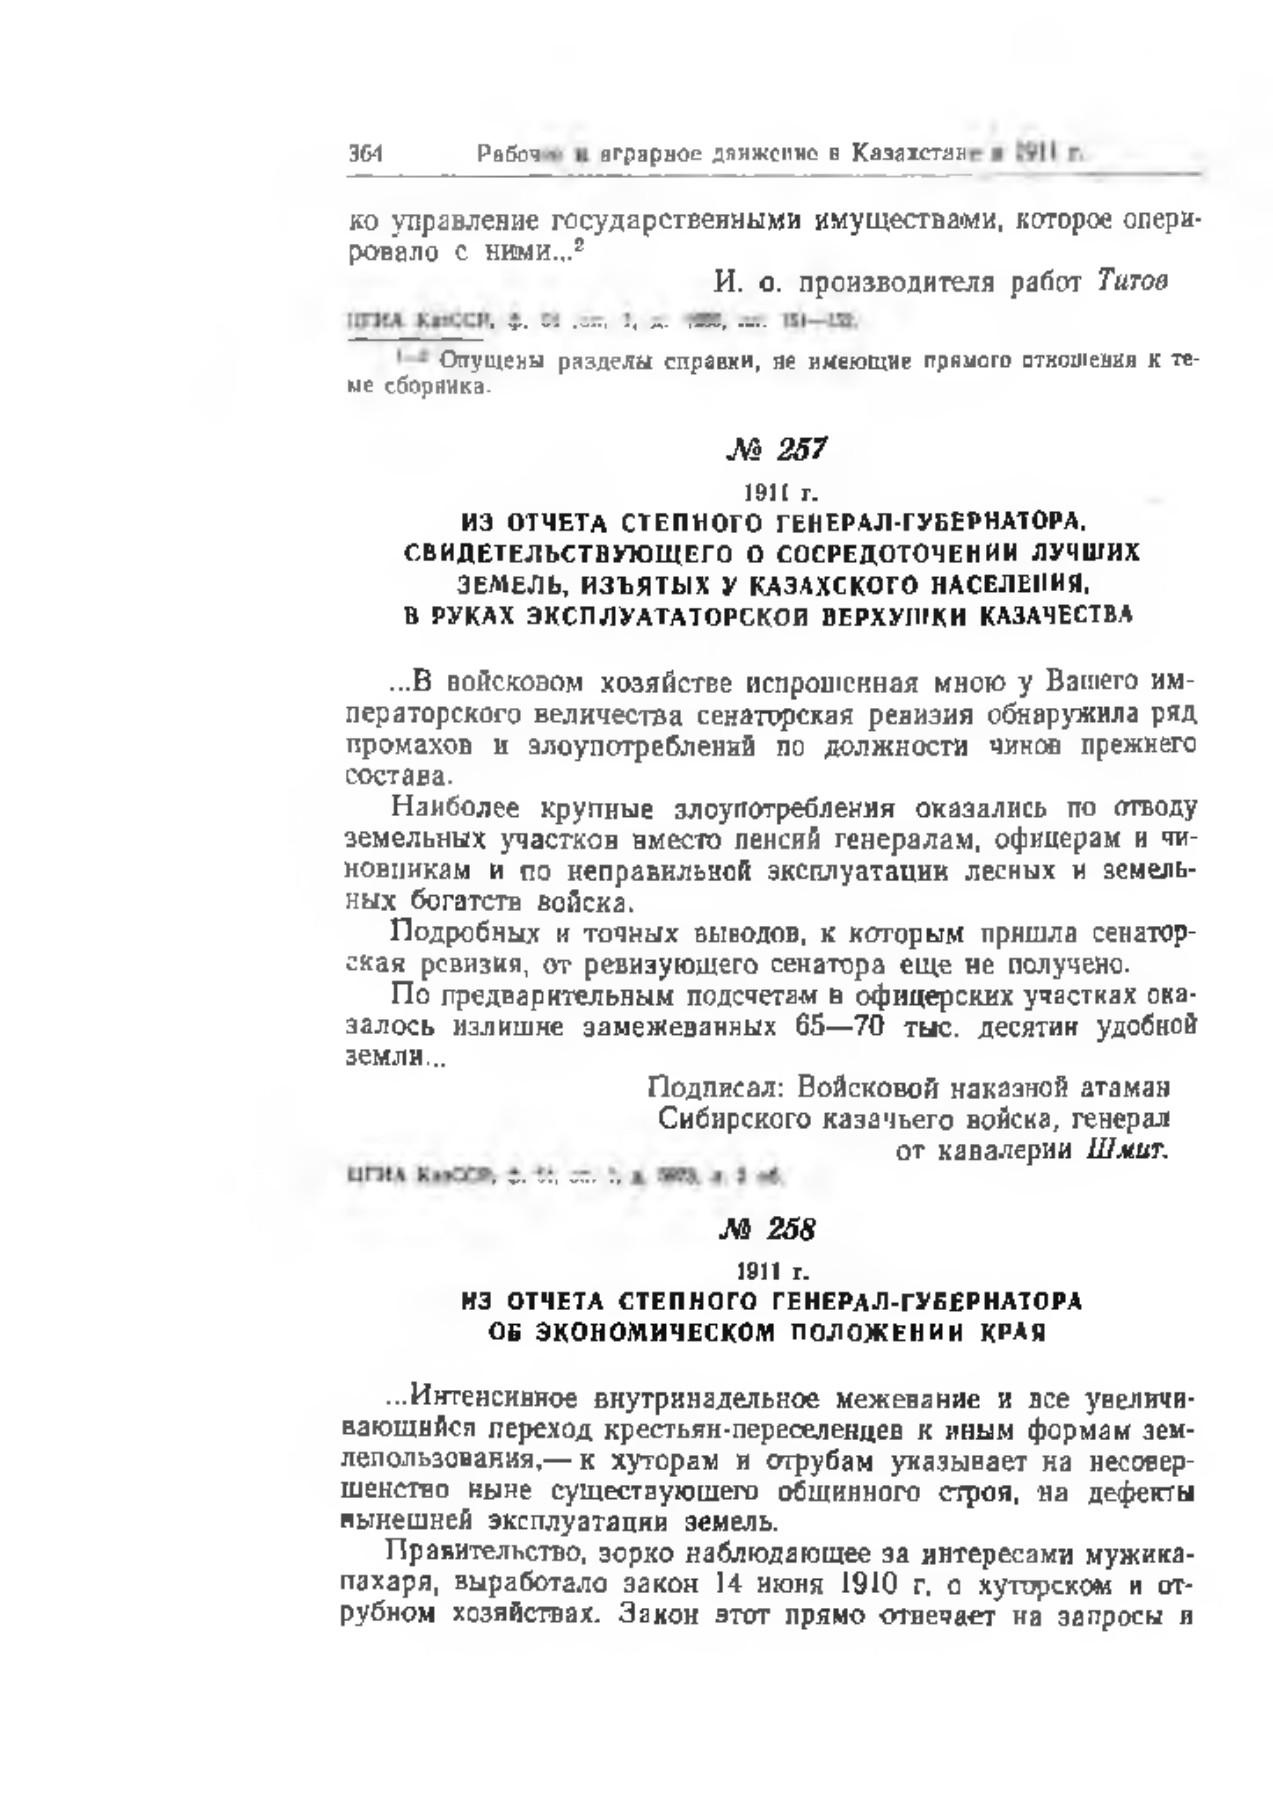 3Apa Porn Рабочее и аграрное движение в Казахстане в 1907-1914 годах